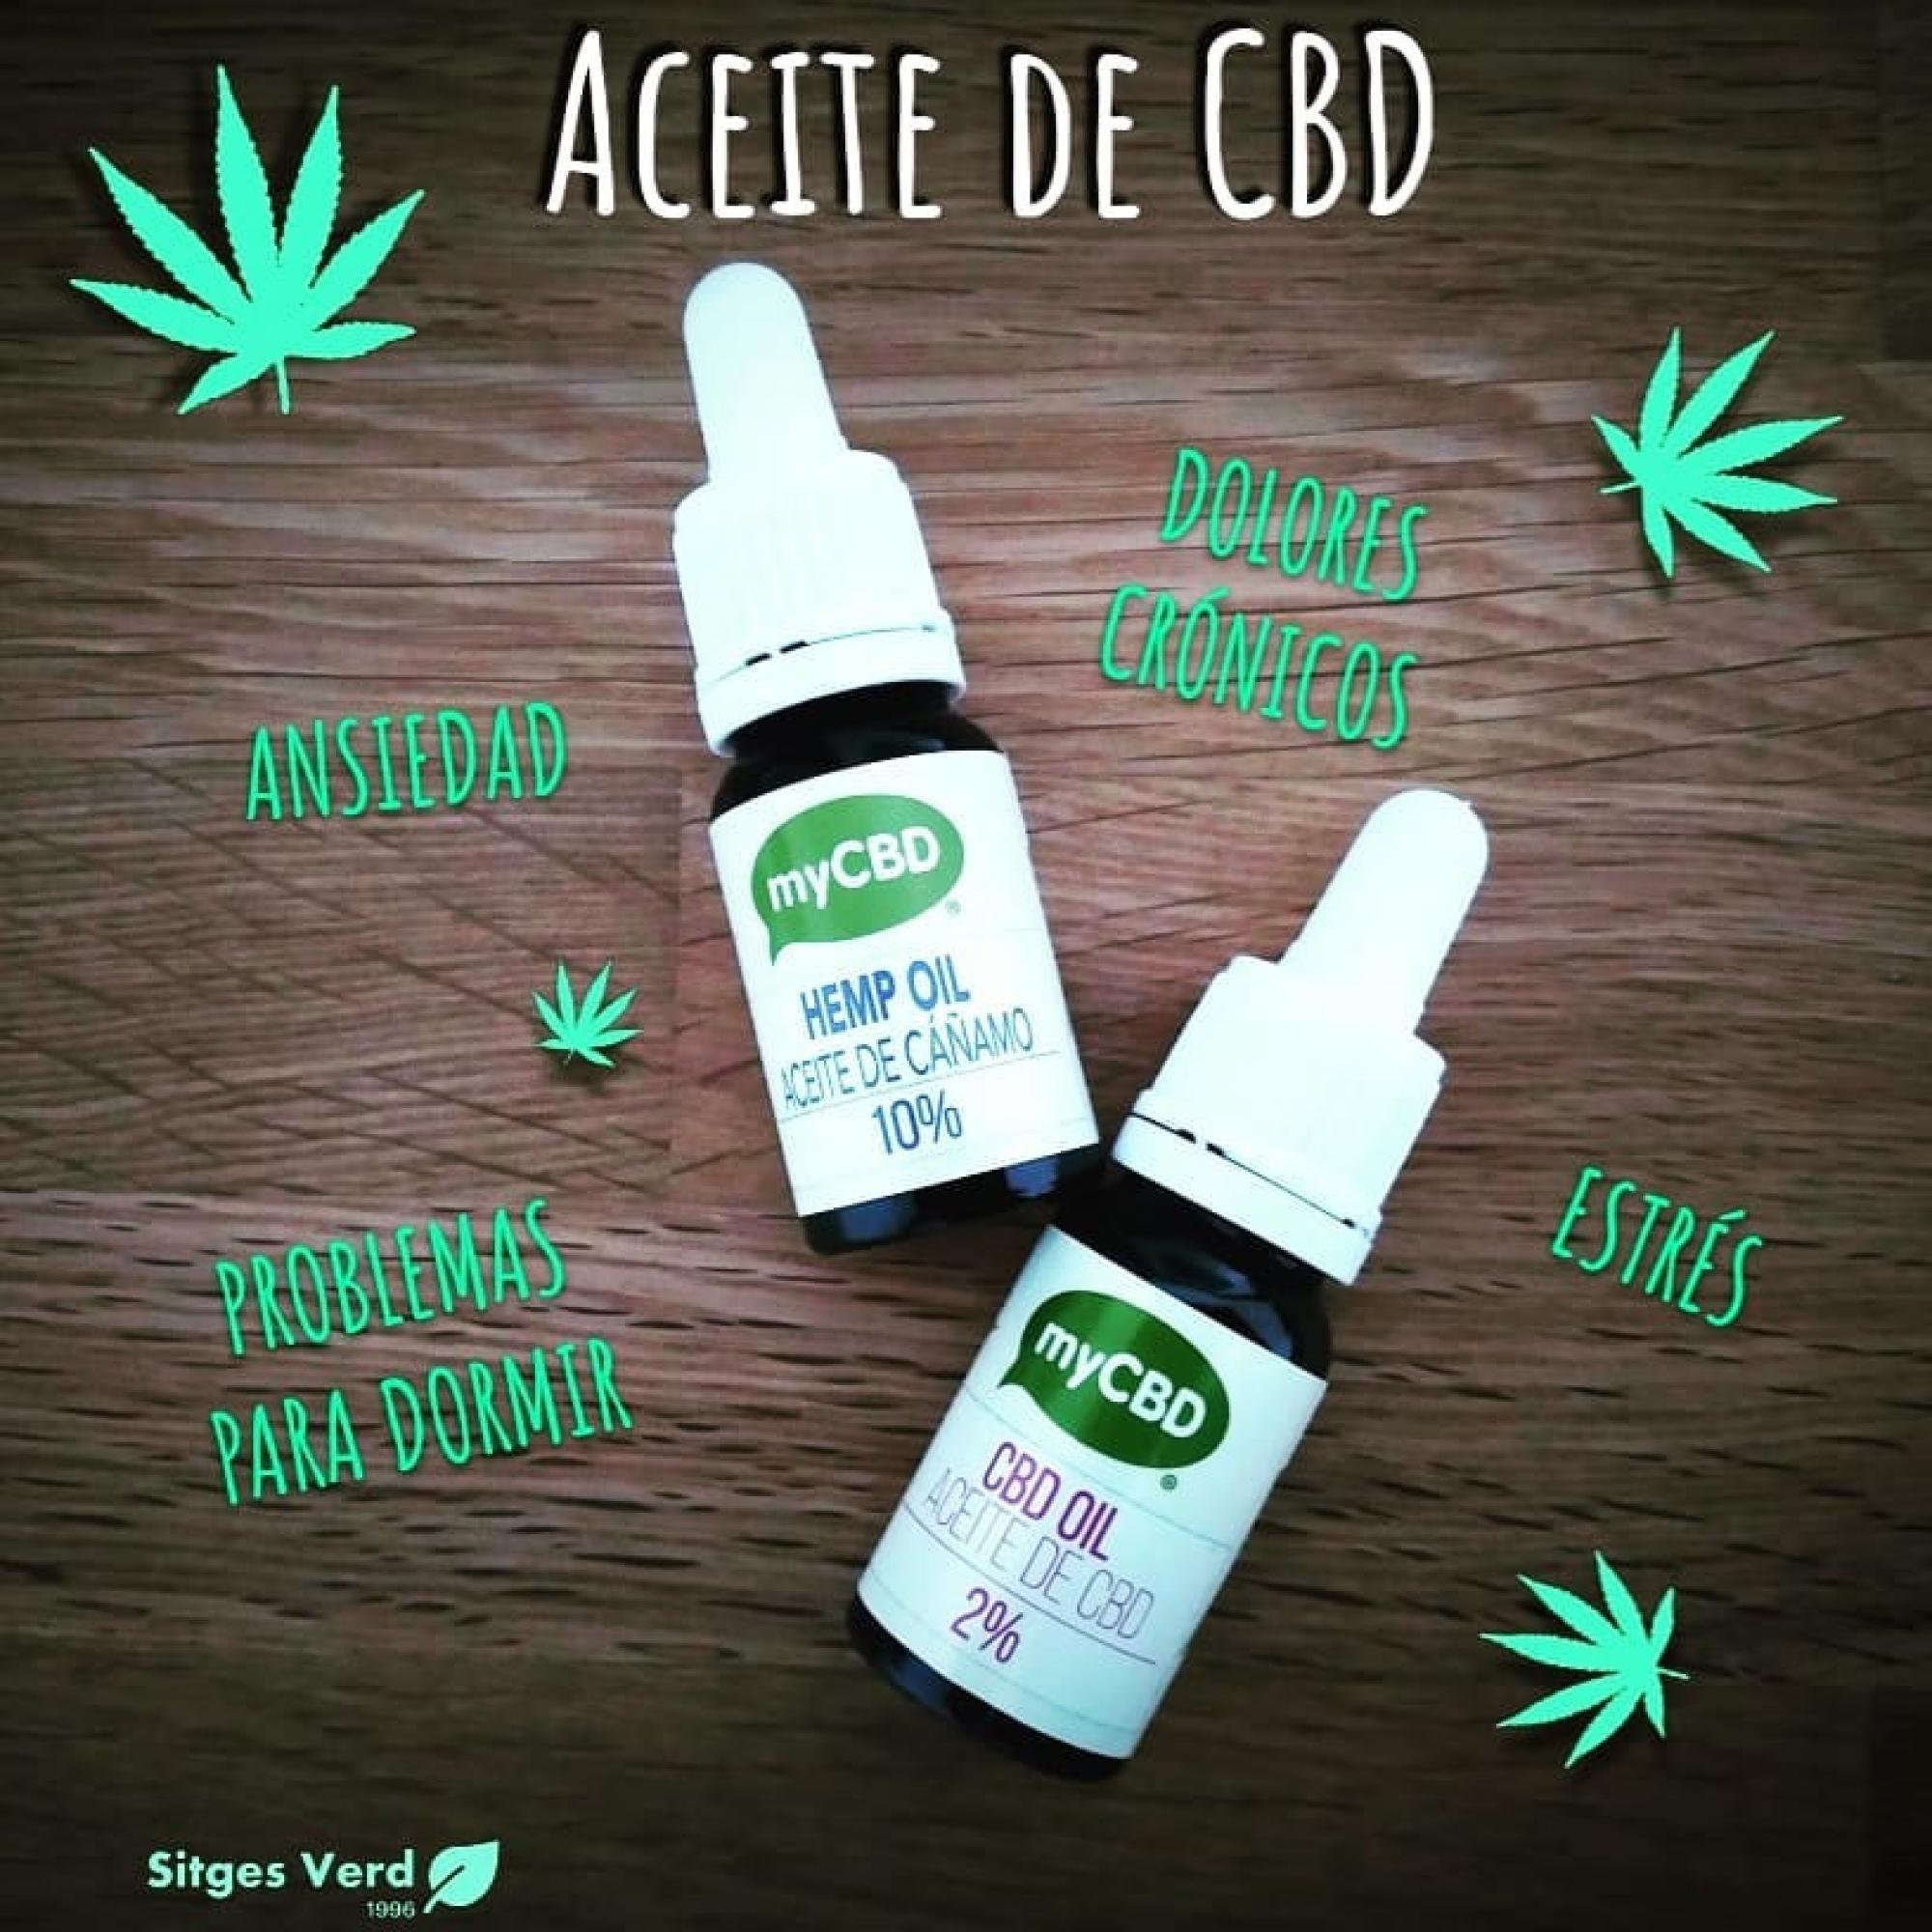 Descubriendo el CBD! 👩🎓  El cannabidiol (CBD) es un componente activo de la marihuana (Cannabis Sativa). Nos permite aprovechar los beneficios de esta planta pero sin sus efectos psicotrópicos. No da colocón! Pero va muy bien para aliviar la ansiedad, el estrés, los dolores crónicos y para dormir mejor. 💚  En #sitgesverd encontraréis aceite de CBD de espectro completo. Este tipo de aceite tiene mejores propiedades terapéuticas porque usa la planta entera y por tanto se beneficia del efecto conjunto del CBD con las demás sustancias del cannabis como terpenos, flavonoides y otros cannabinoides.  #sitges #sitgesvida #sitgesfood